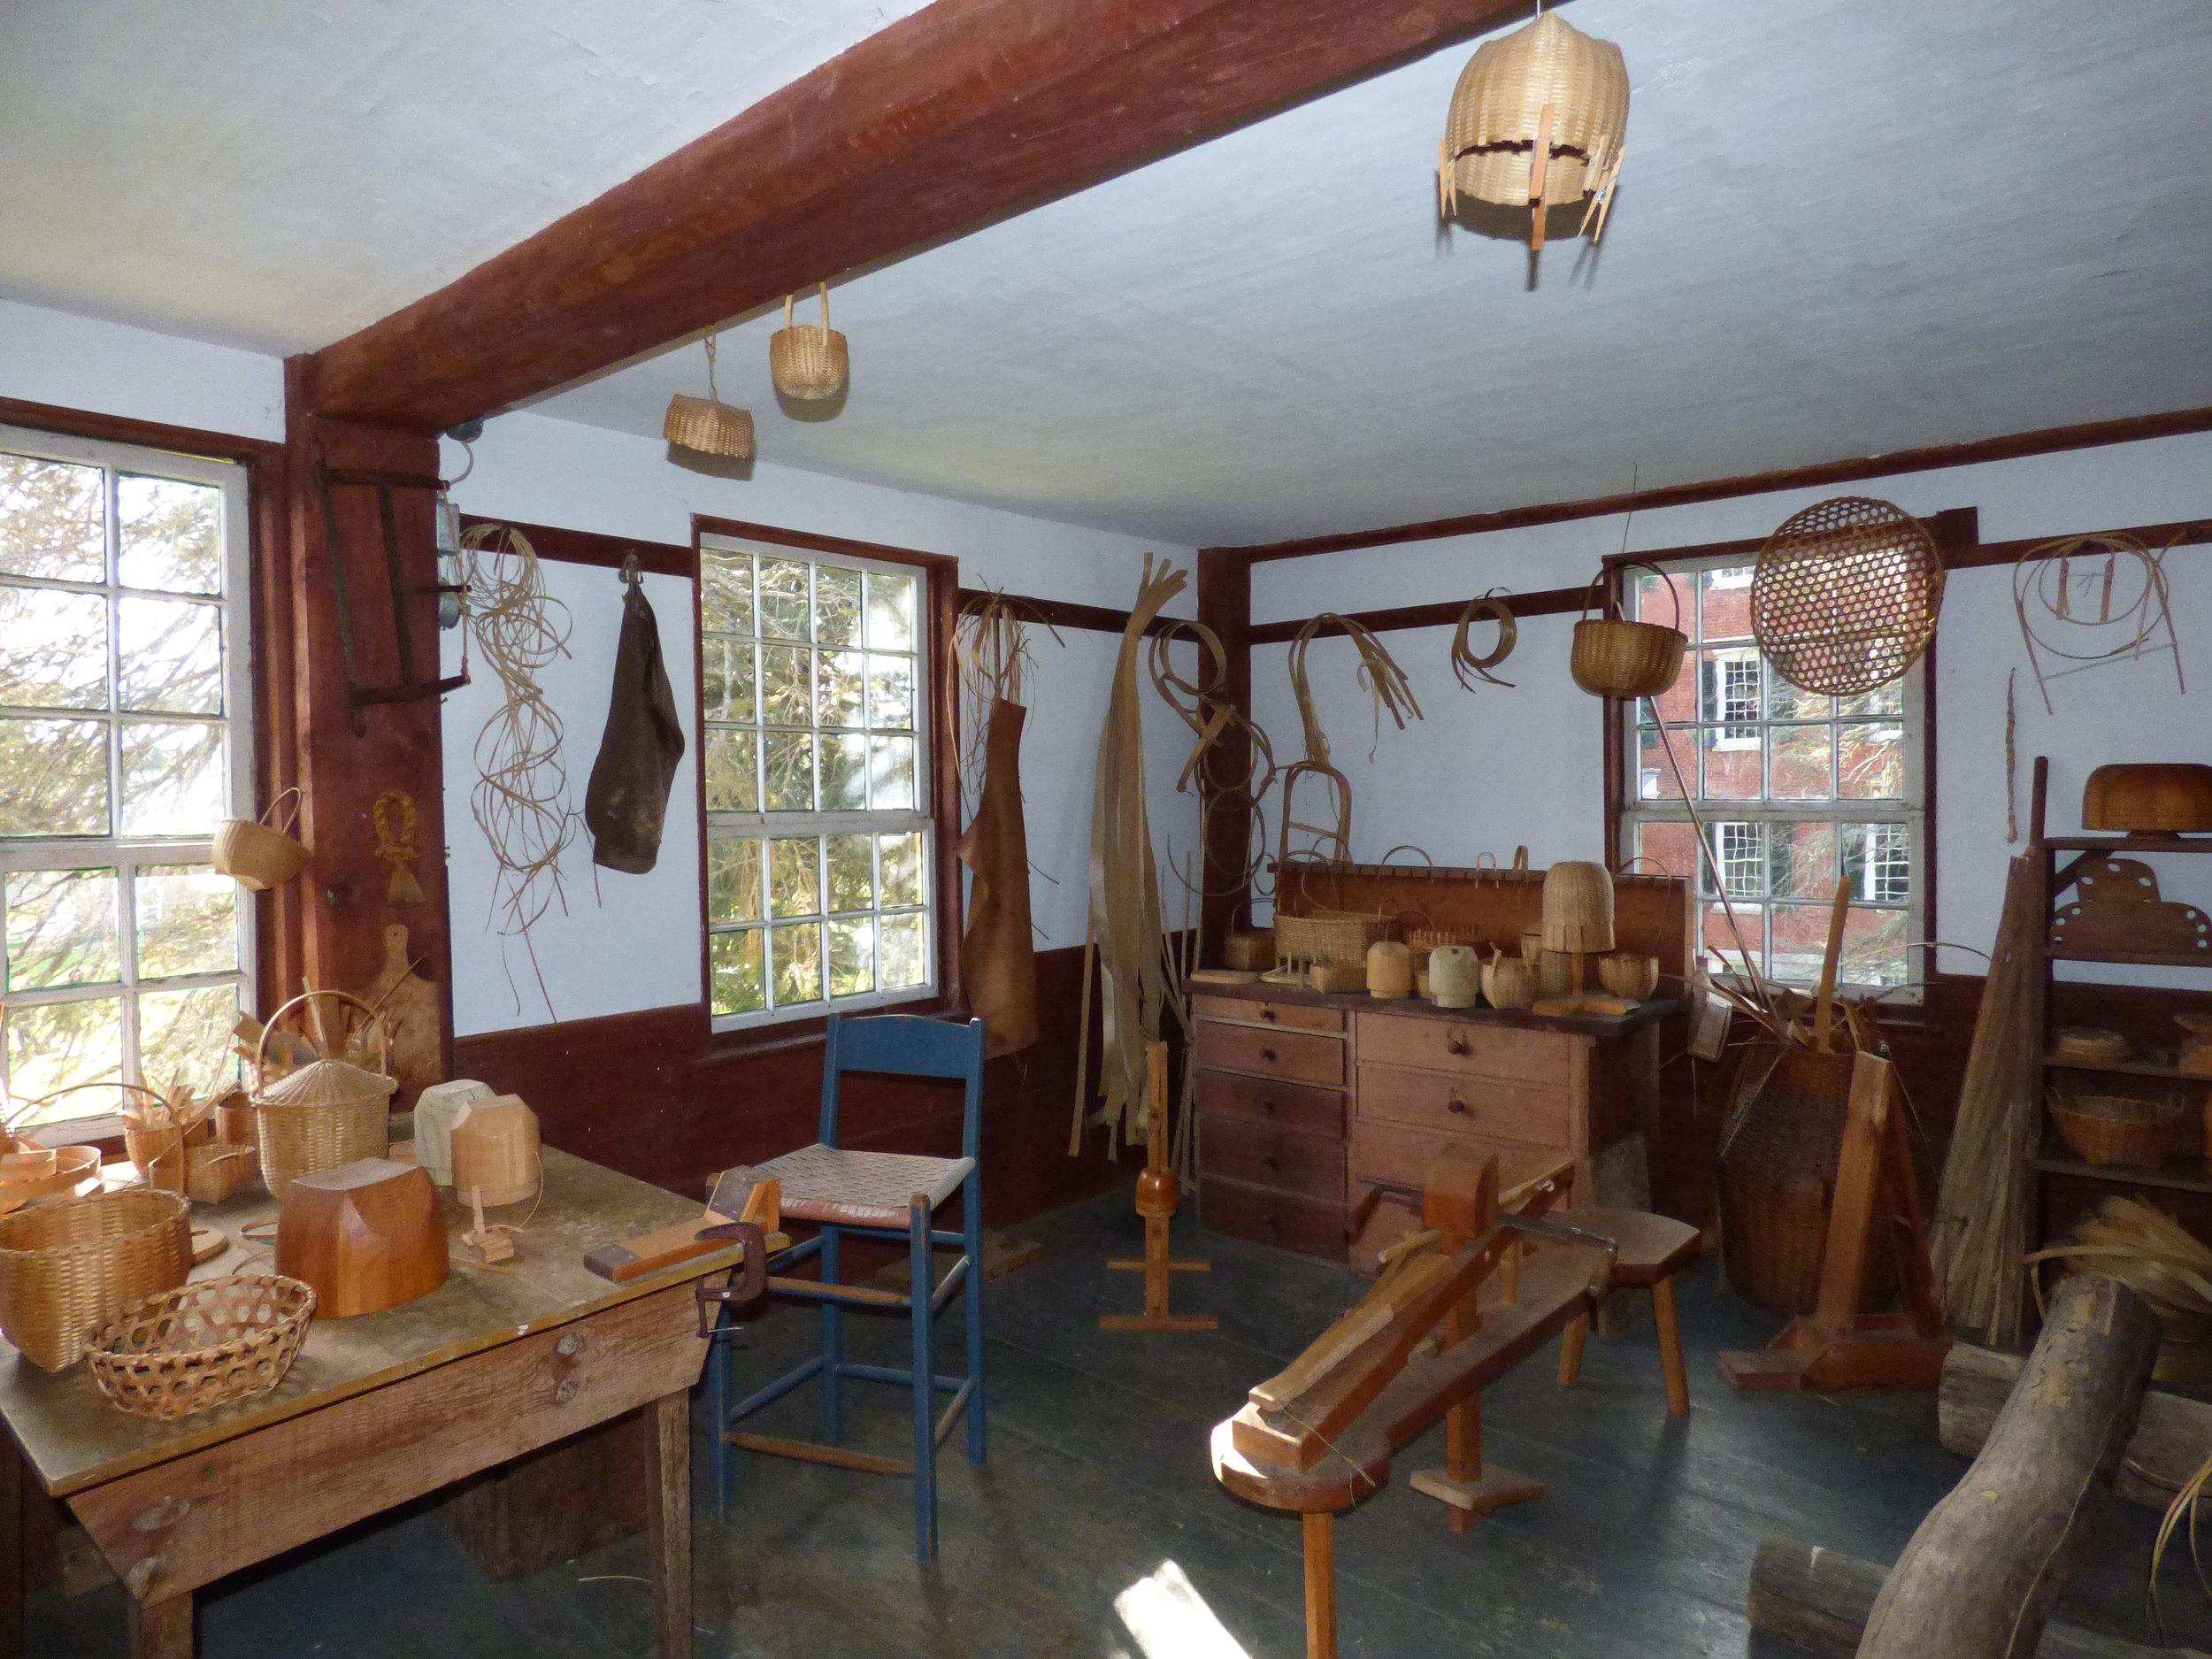 Brethren's Shop